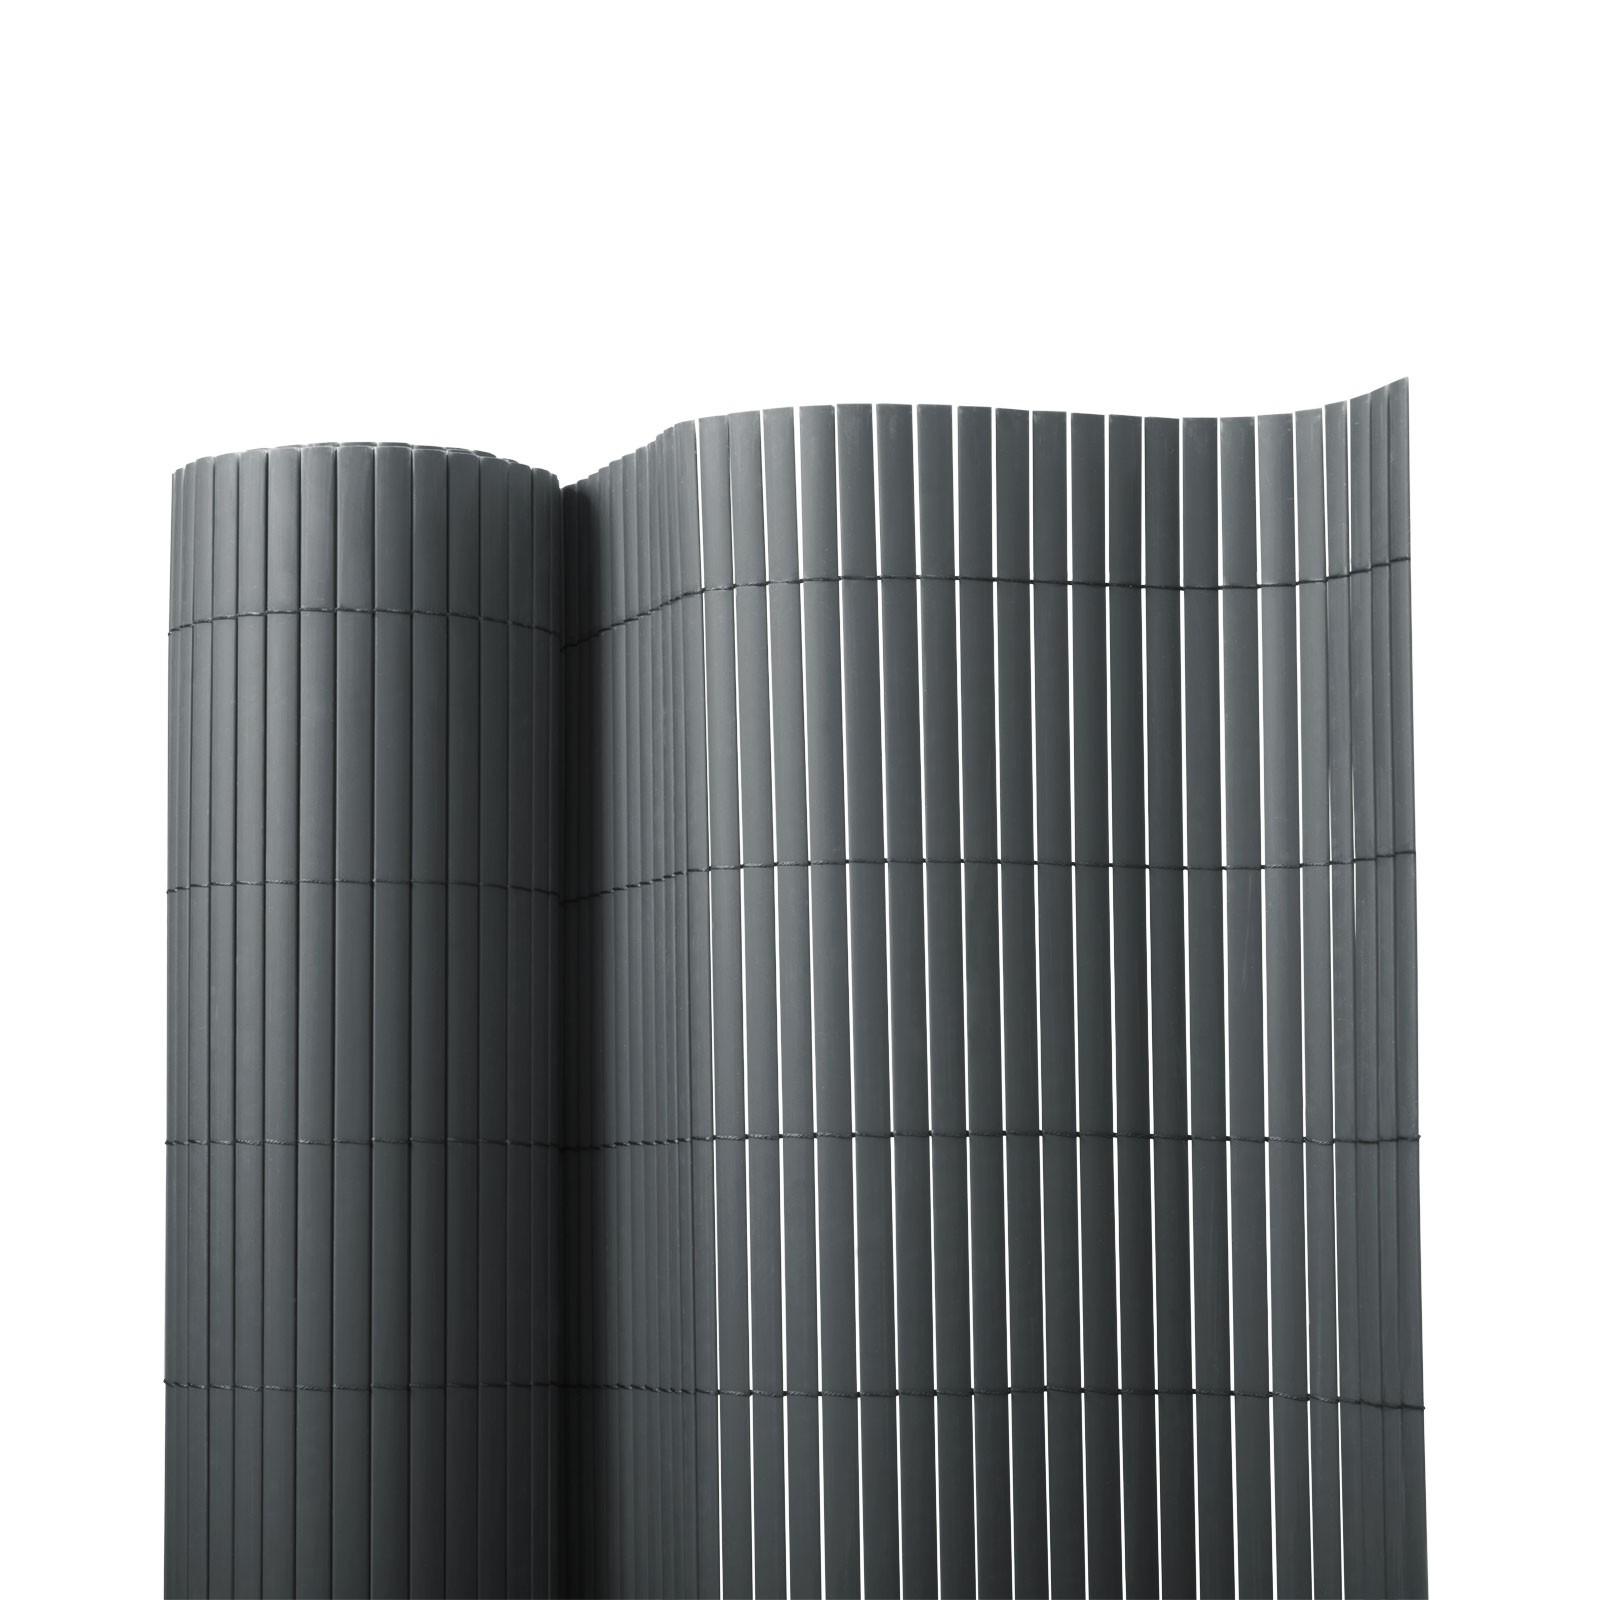 Pvc-Sichtschutzzaun | Grau | 7 Größen encequiconcerne Pvc-Unique.de